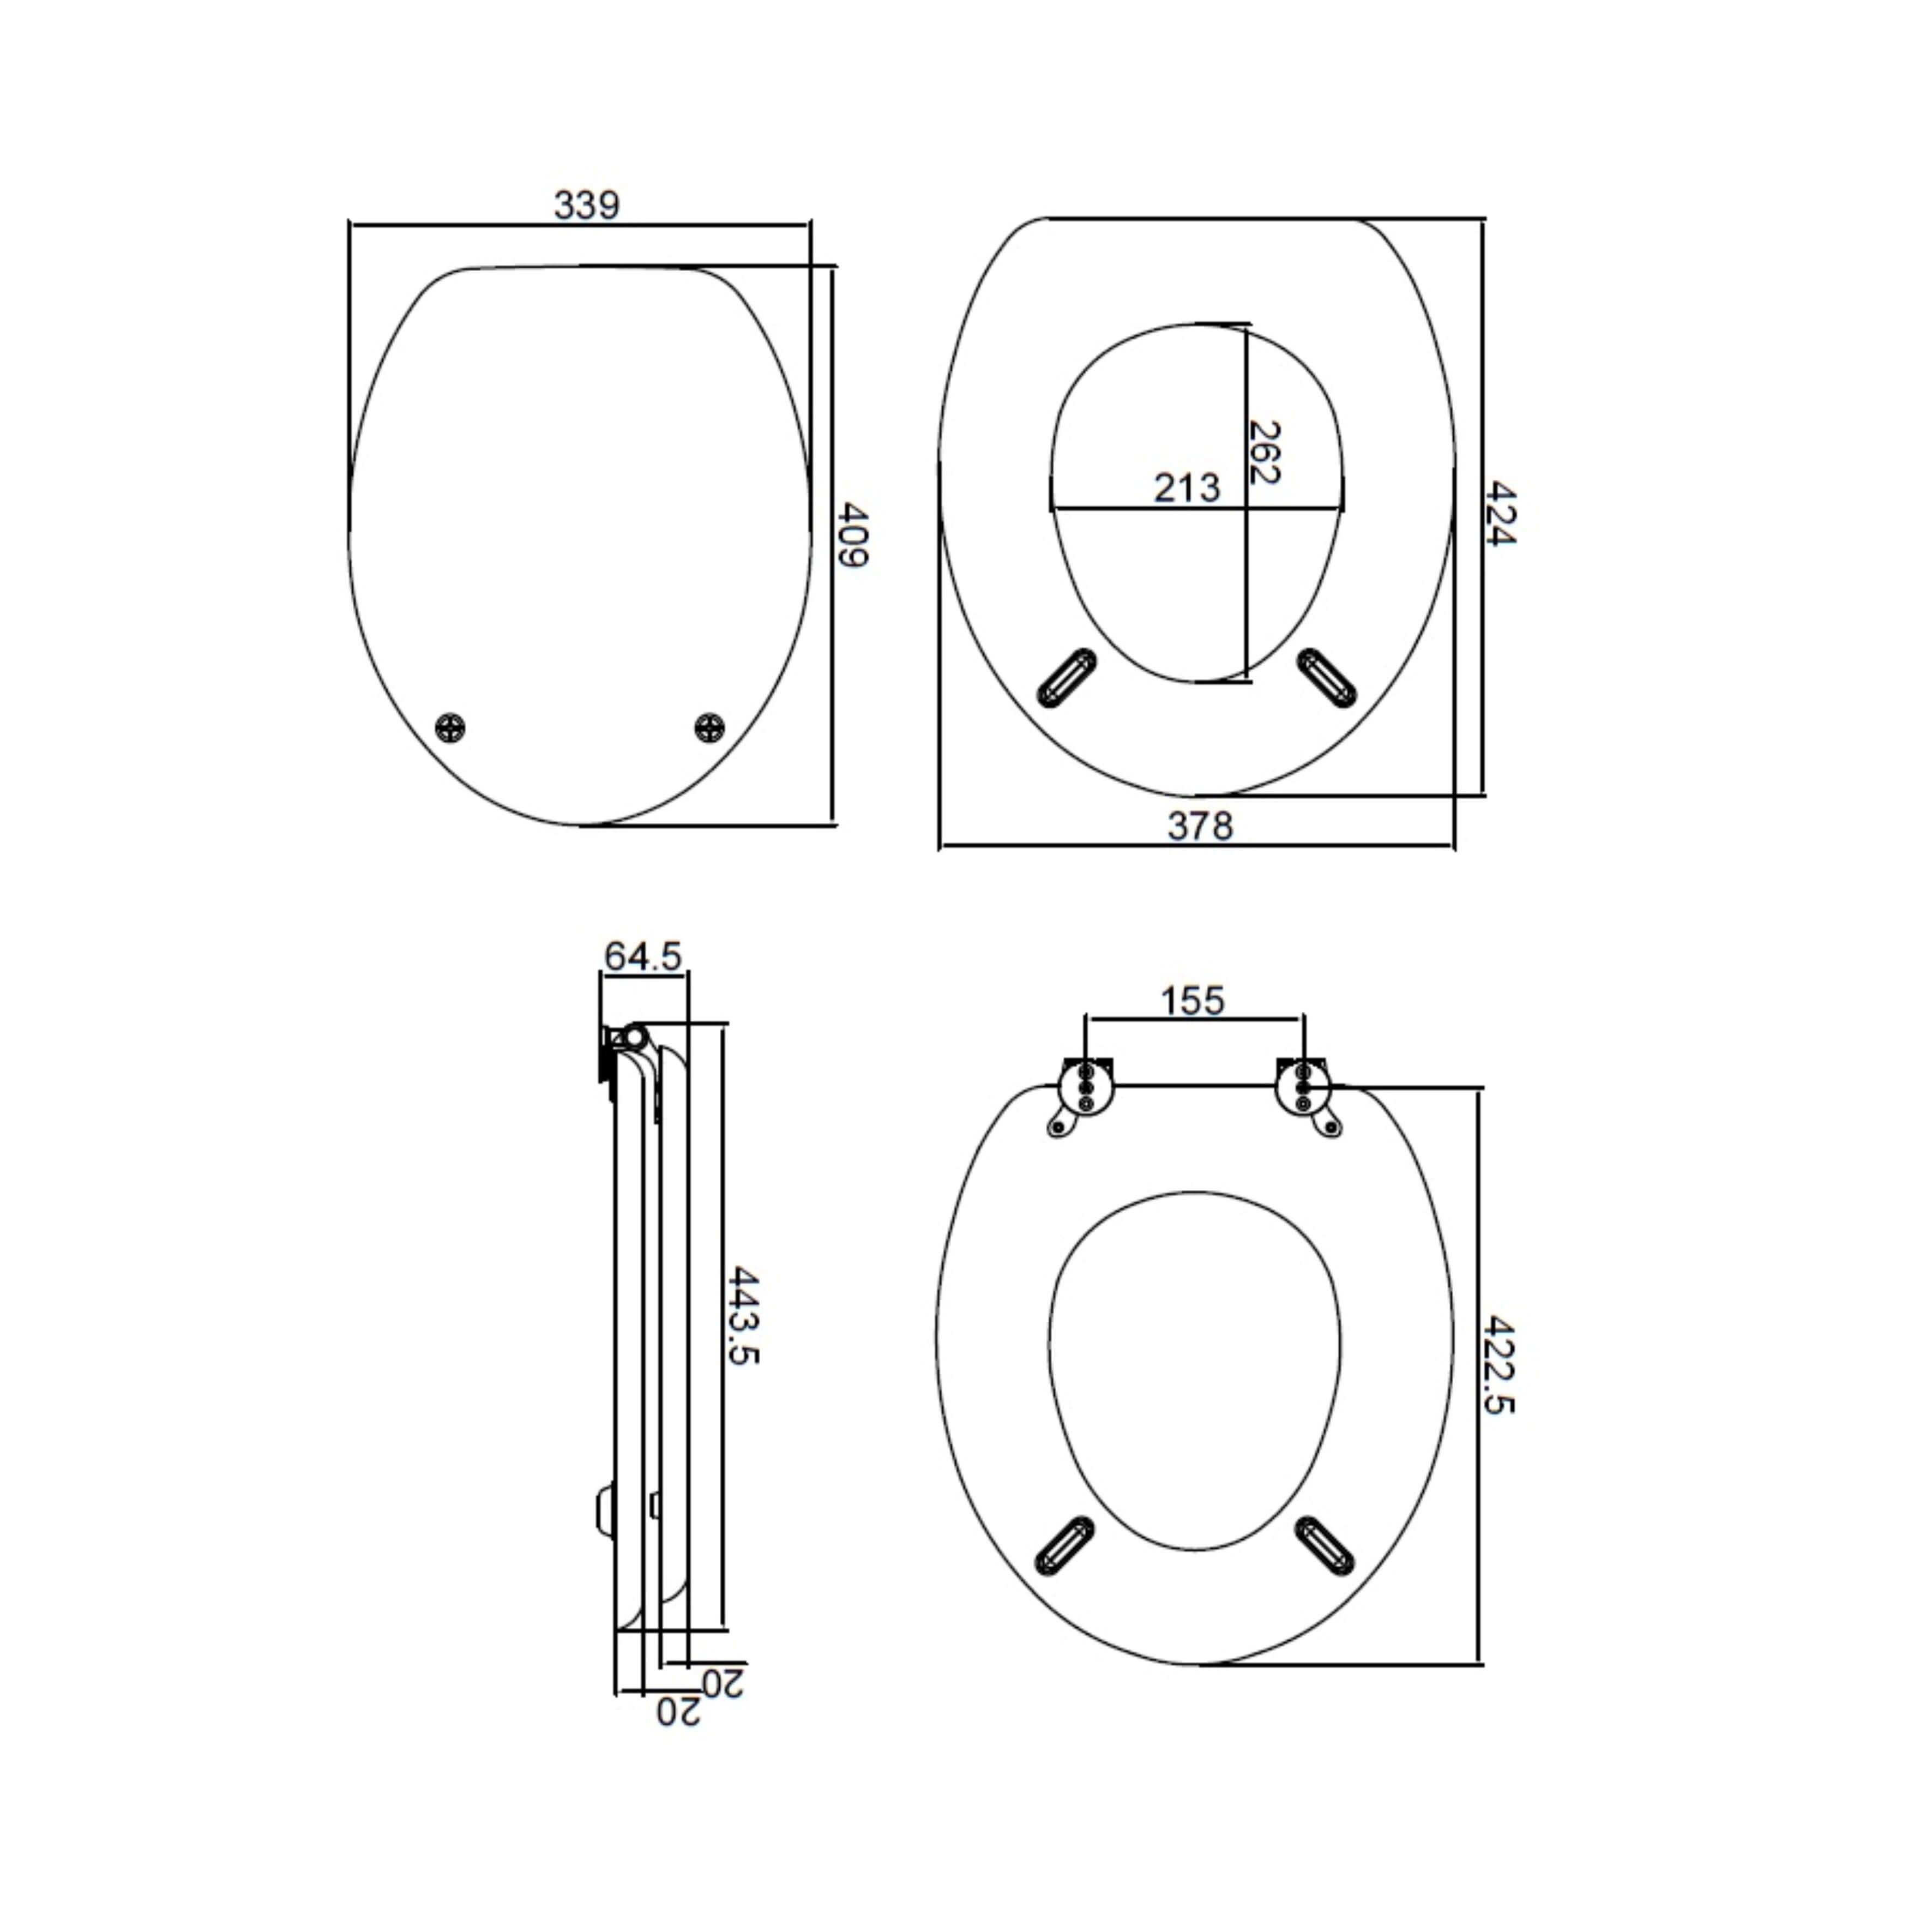 Heritage Walnut Seat TSWAL101 Measurements